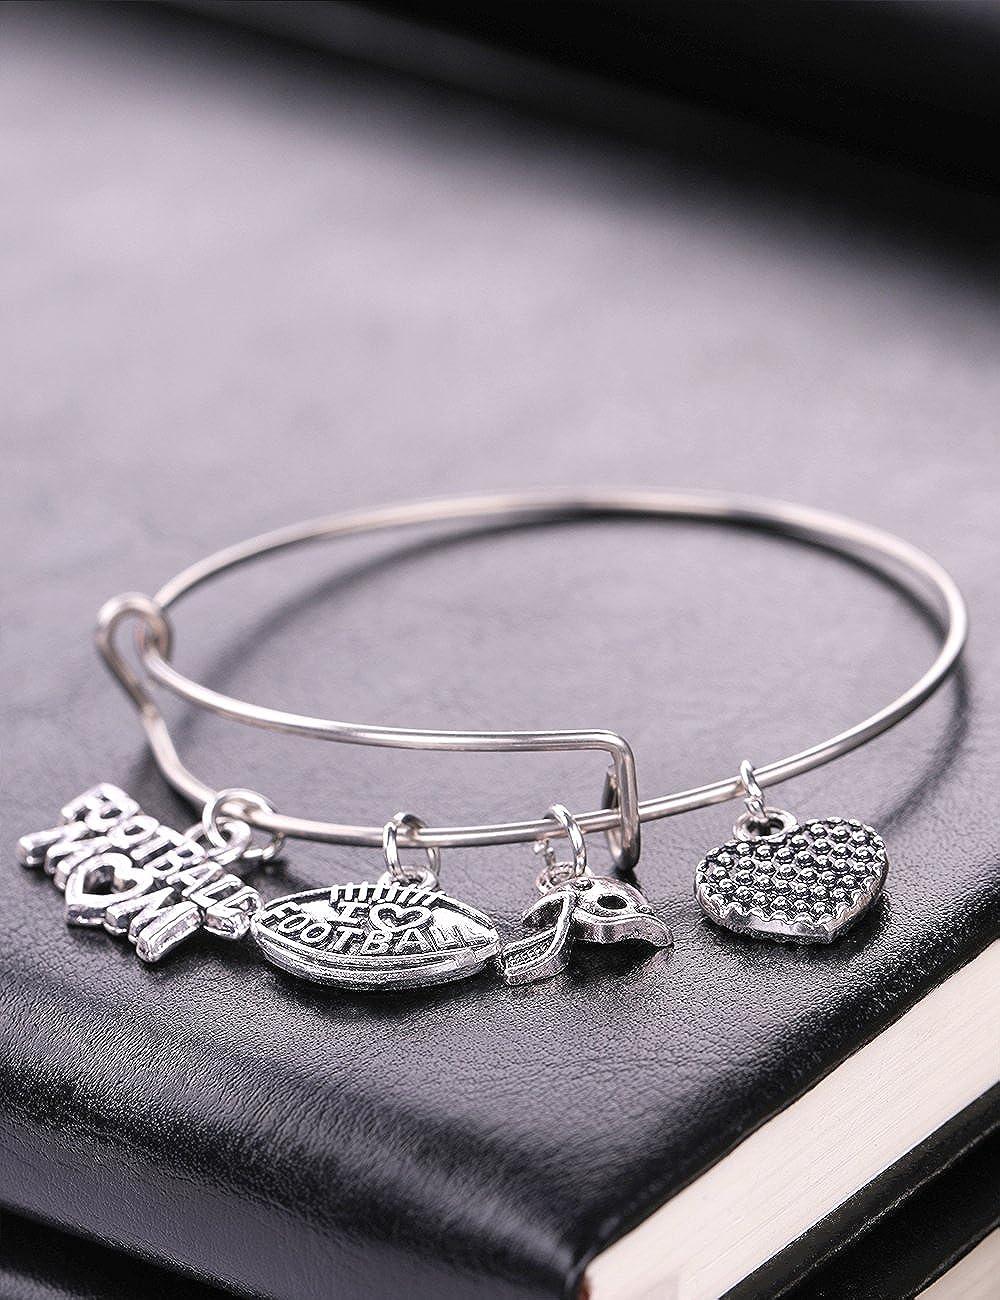 Sports Style I Love Football Mom Heart Pendant Stainless Steel DIY Bracelet Gift